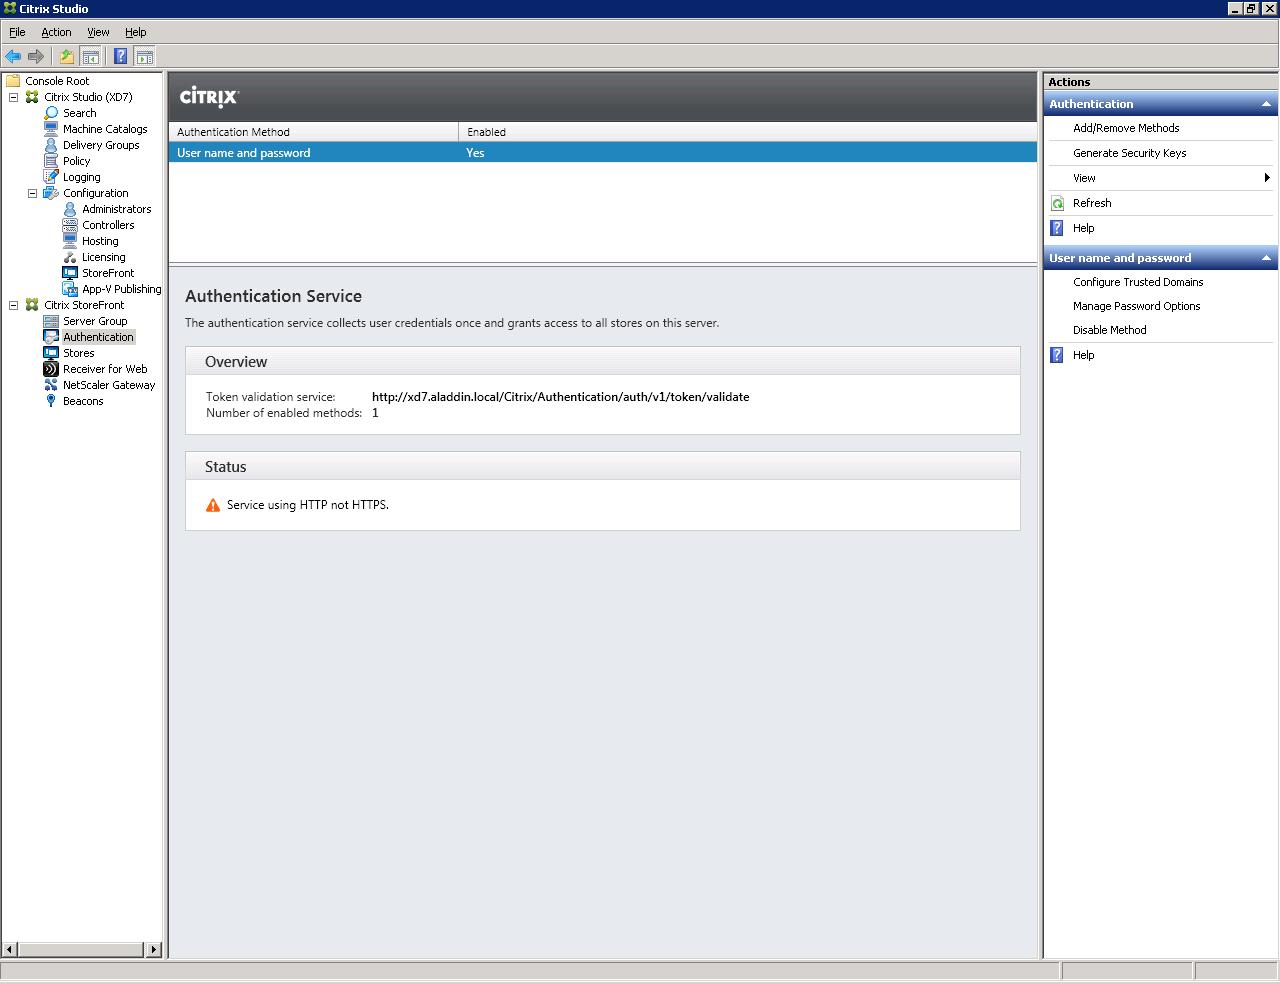 Настройка аутентификации в Citrix XenDesktop 7.x c использованием смарт-карт JaCarta PKI - 31